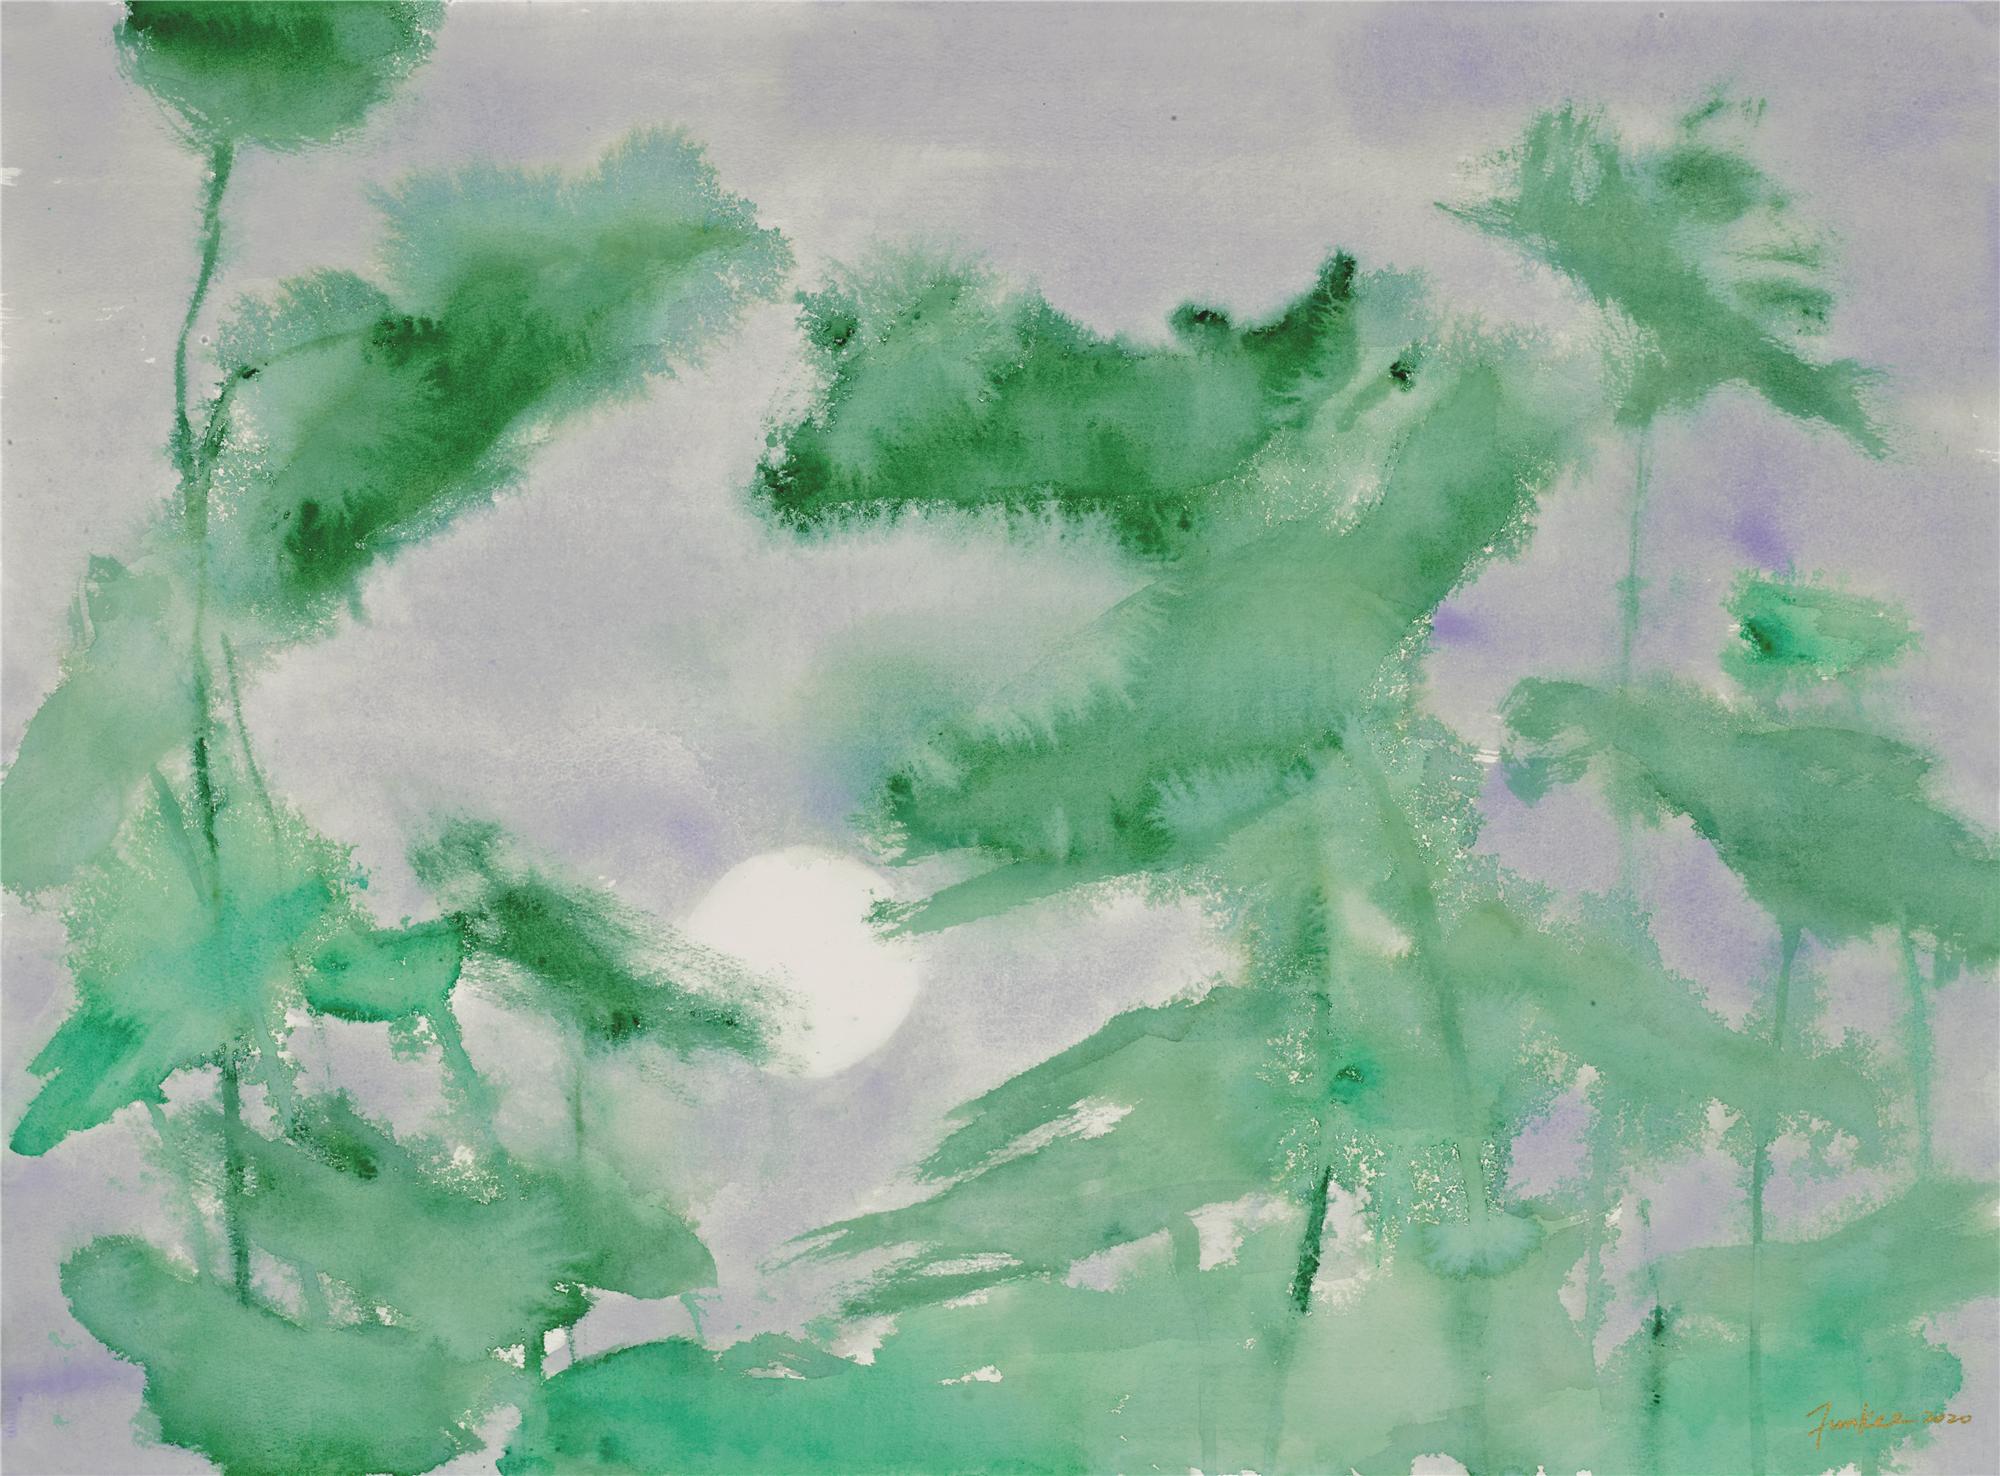 【艺术】收藏「琪」观:荷风抱月